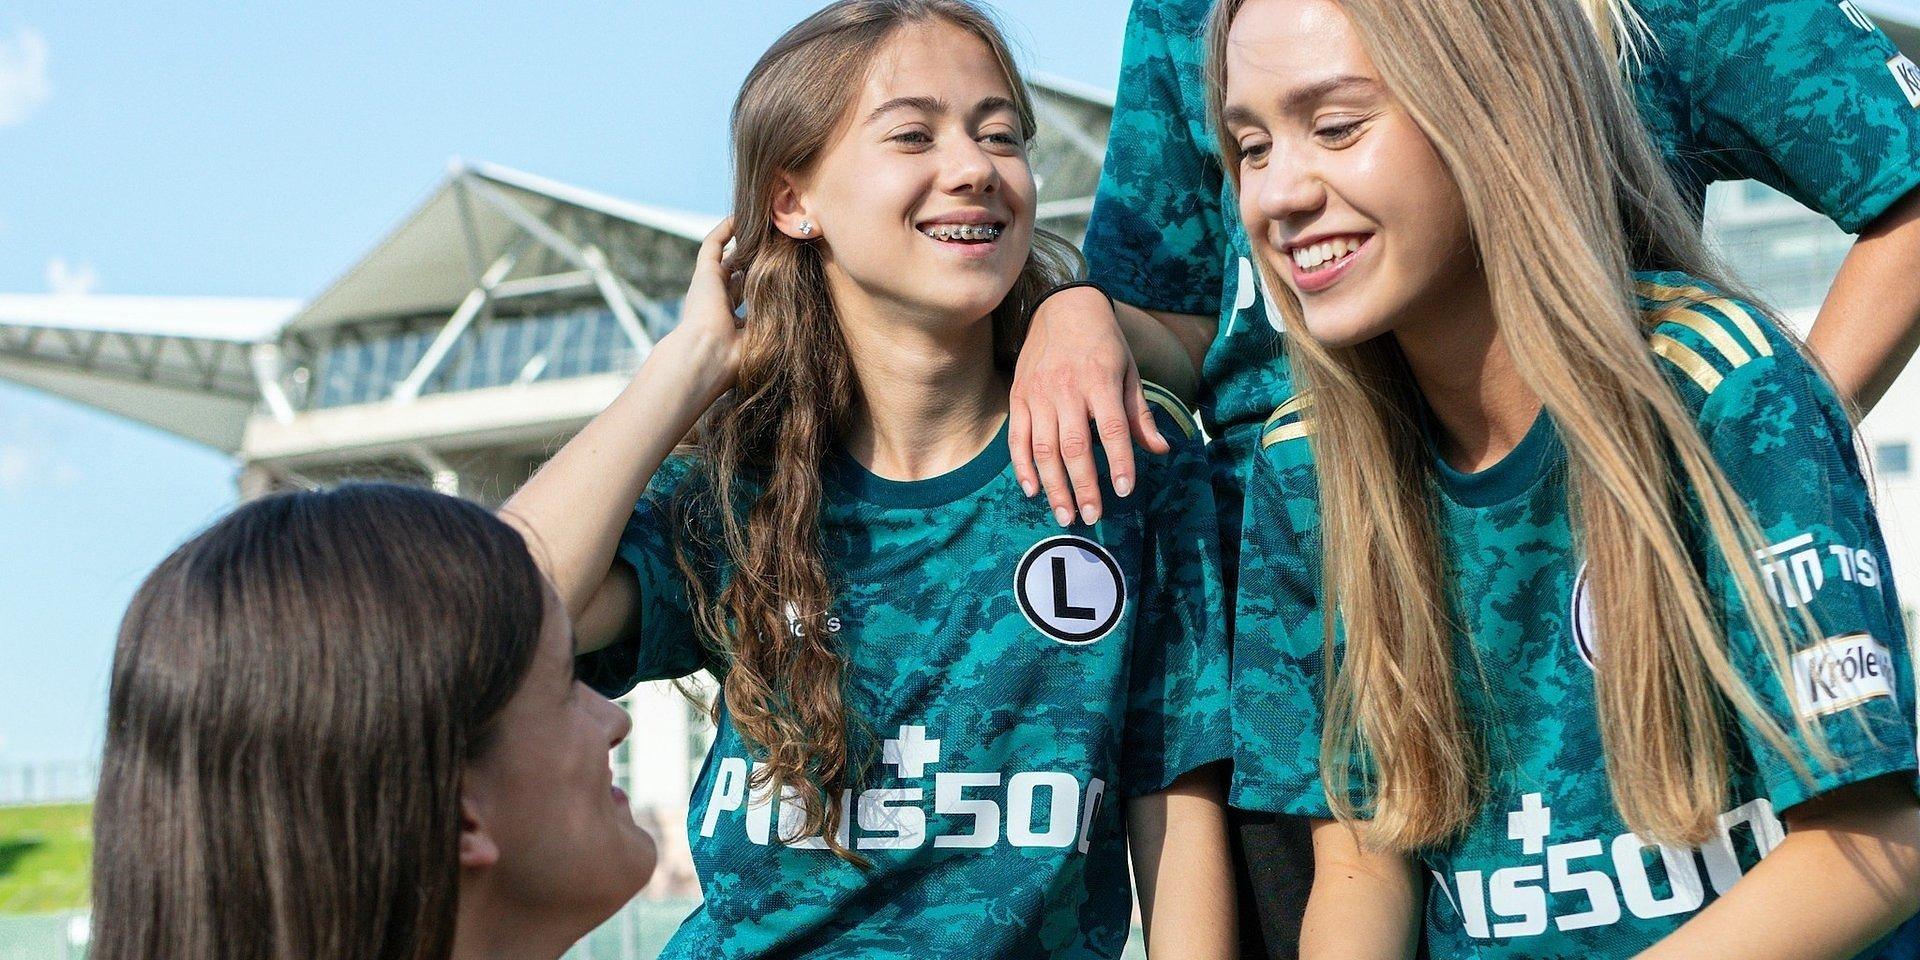 adidas inspiruje świat kobiecego futbolu do pokonywania barier i dostrzegania możliwości